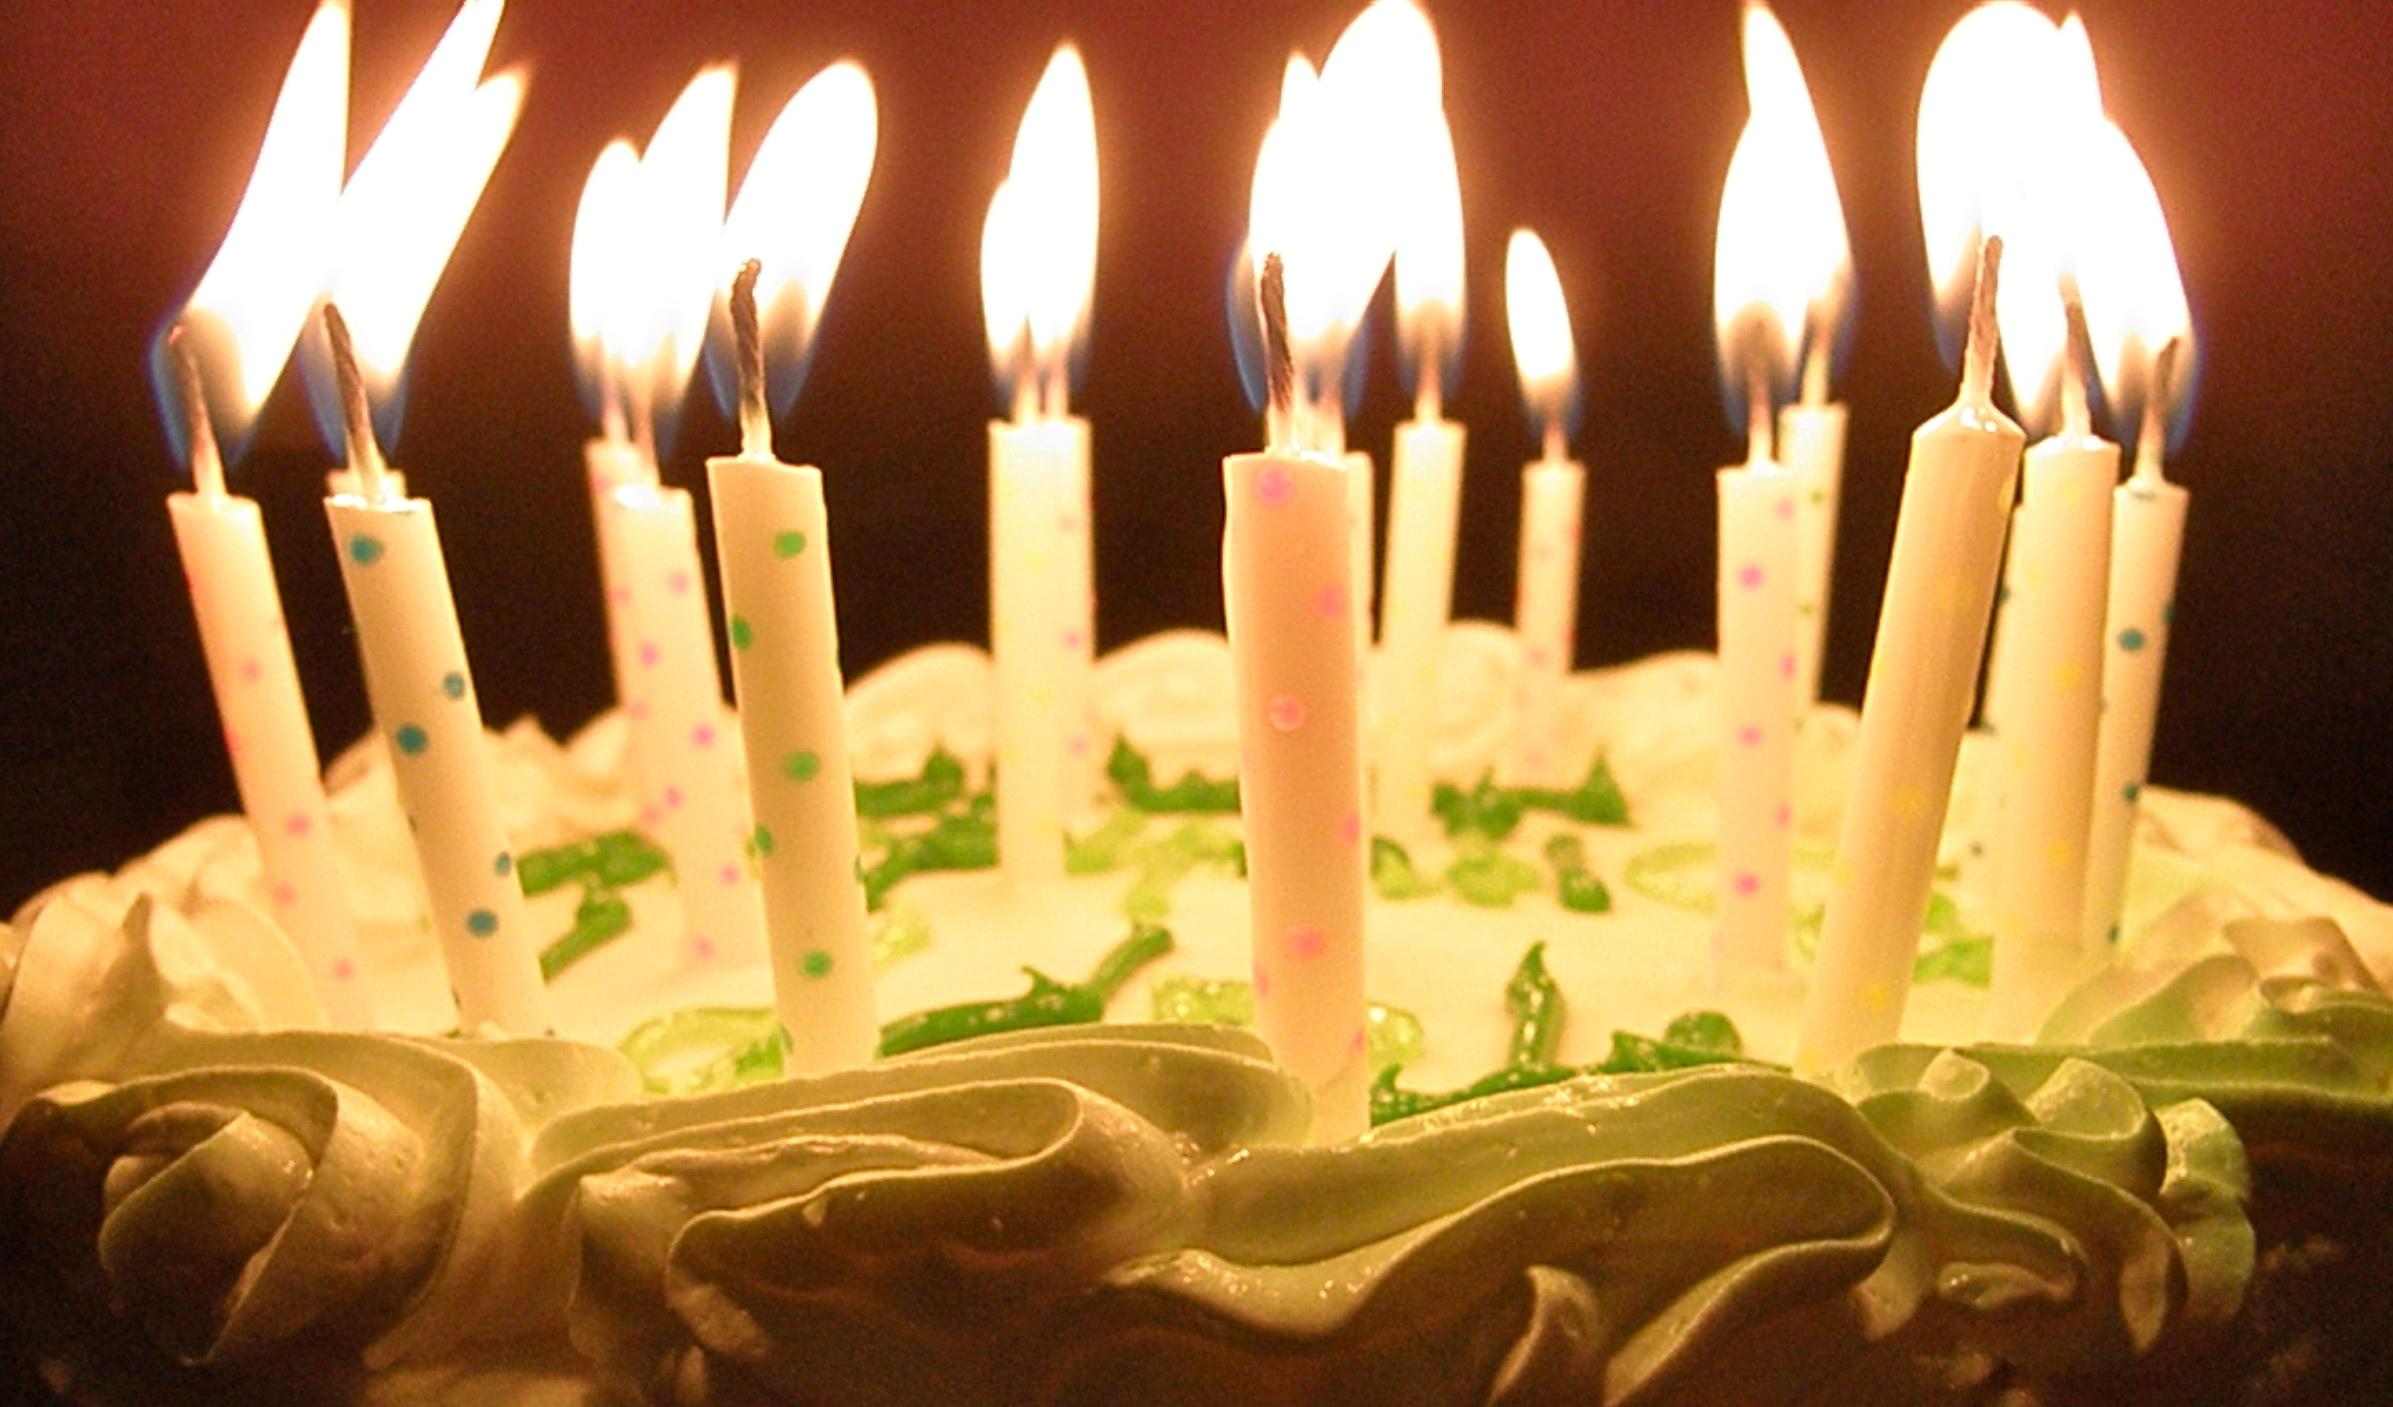 Открытки с днем рождения свечи 962